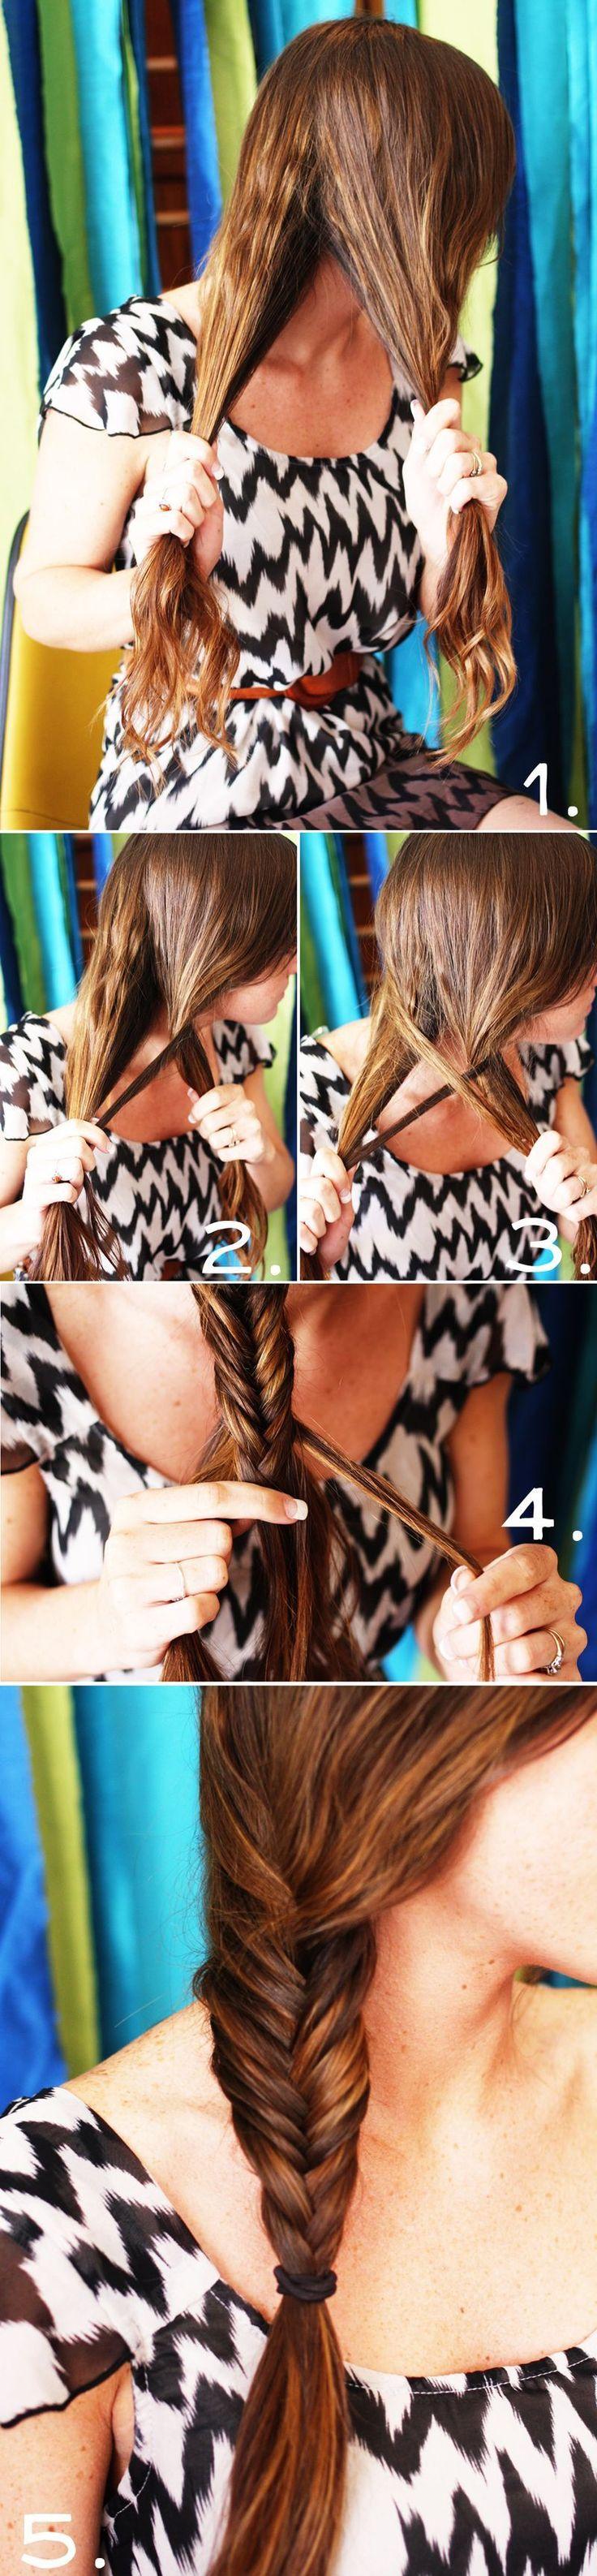 7 Frisuren, die du in 5 Minuten nachgestylt hast!